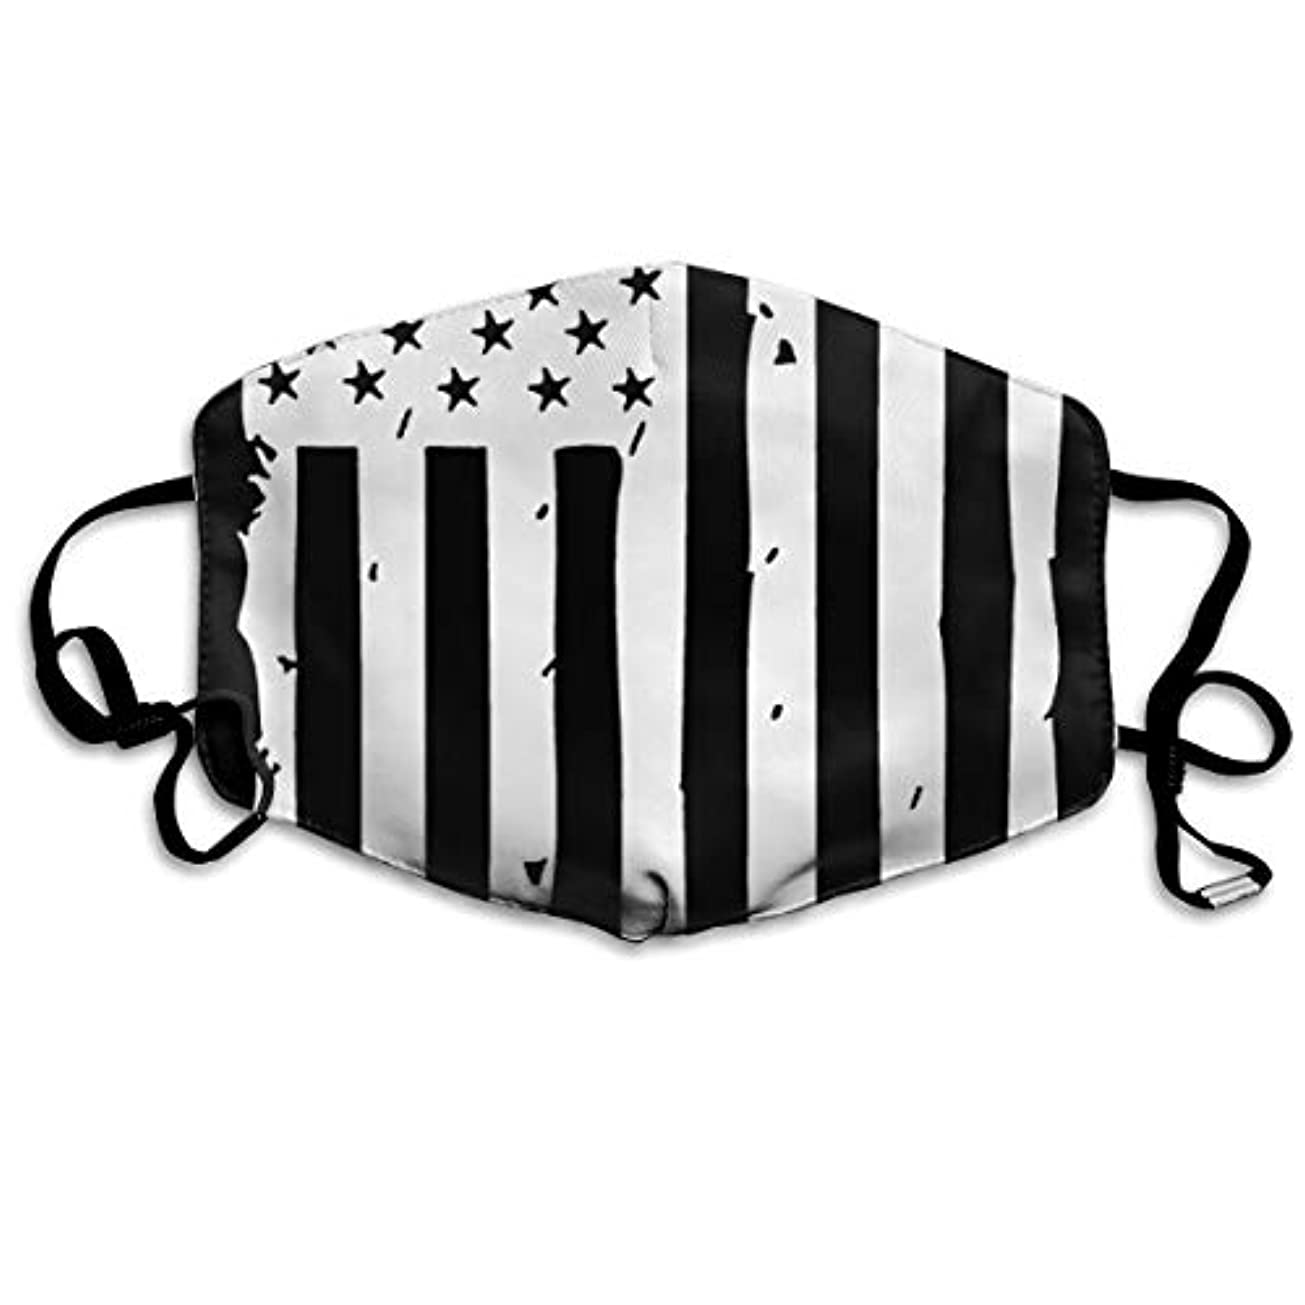 電池取り壊す思い出させるMorningligh アメリカ 旗 マスク 使い捨てマスク ファッションマスク 個別包装 まとめ買い 防災 避難 緊急 抗菌 花粉症予防 風邪予防 男女兼用 健康を守るため